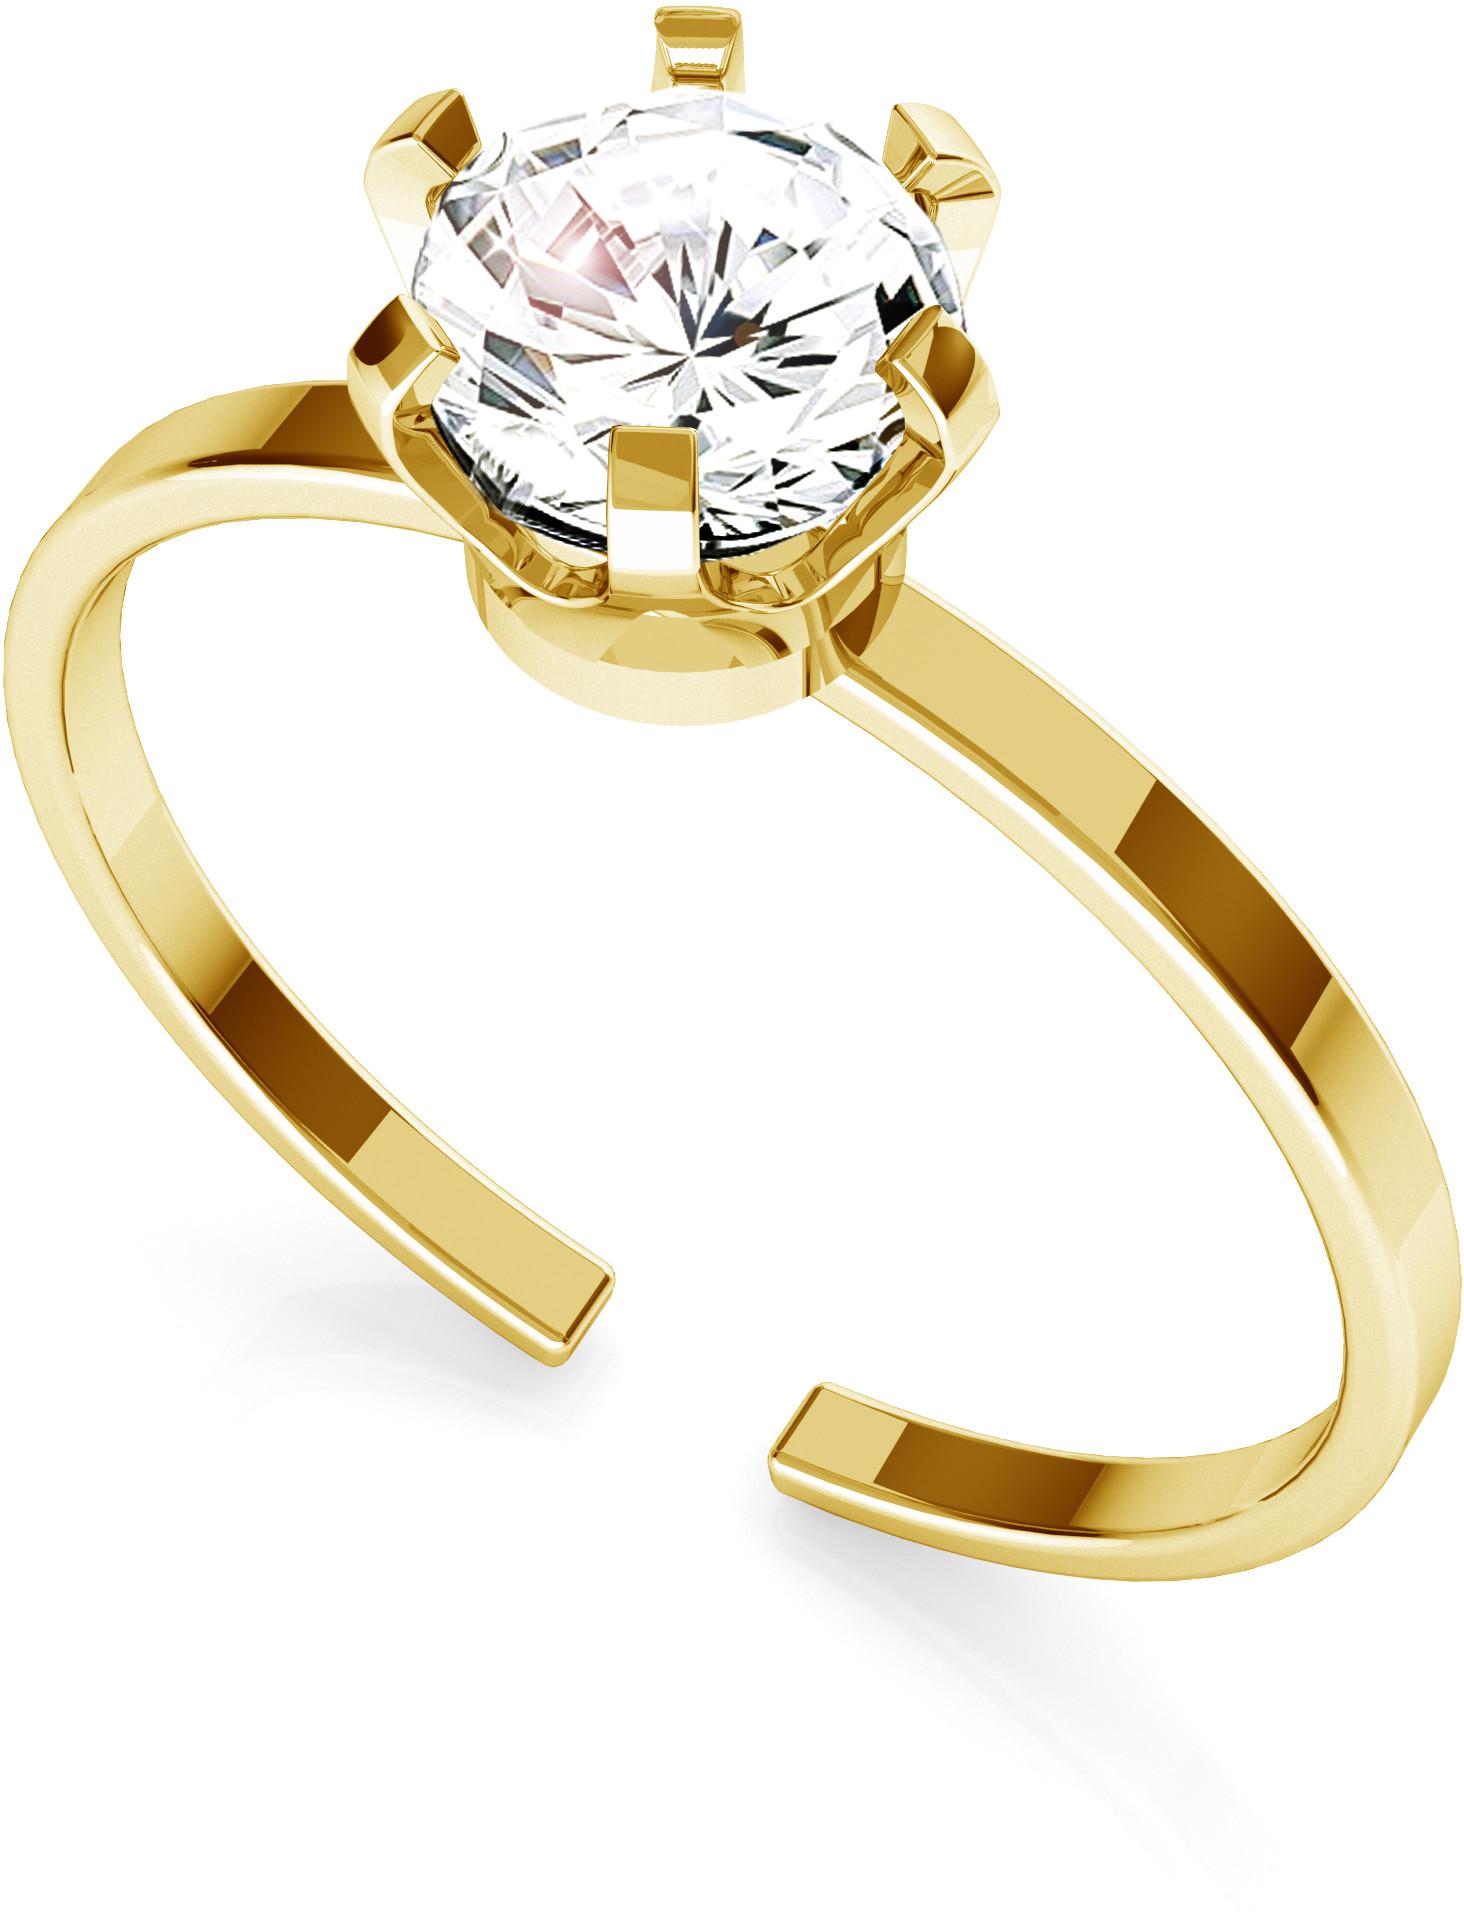 GIORRE Srebrny pierścionek z cyrkonią 6mm My RING 925 : Kolor pokrycia srebra - Pokrycie Żółtym 24K Złotem